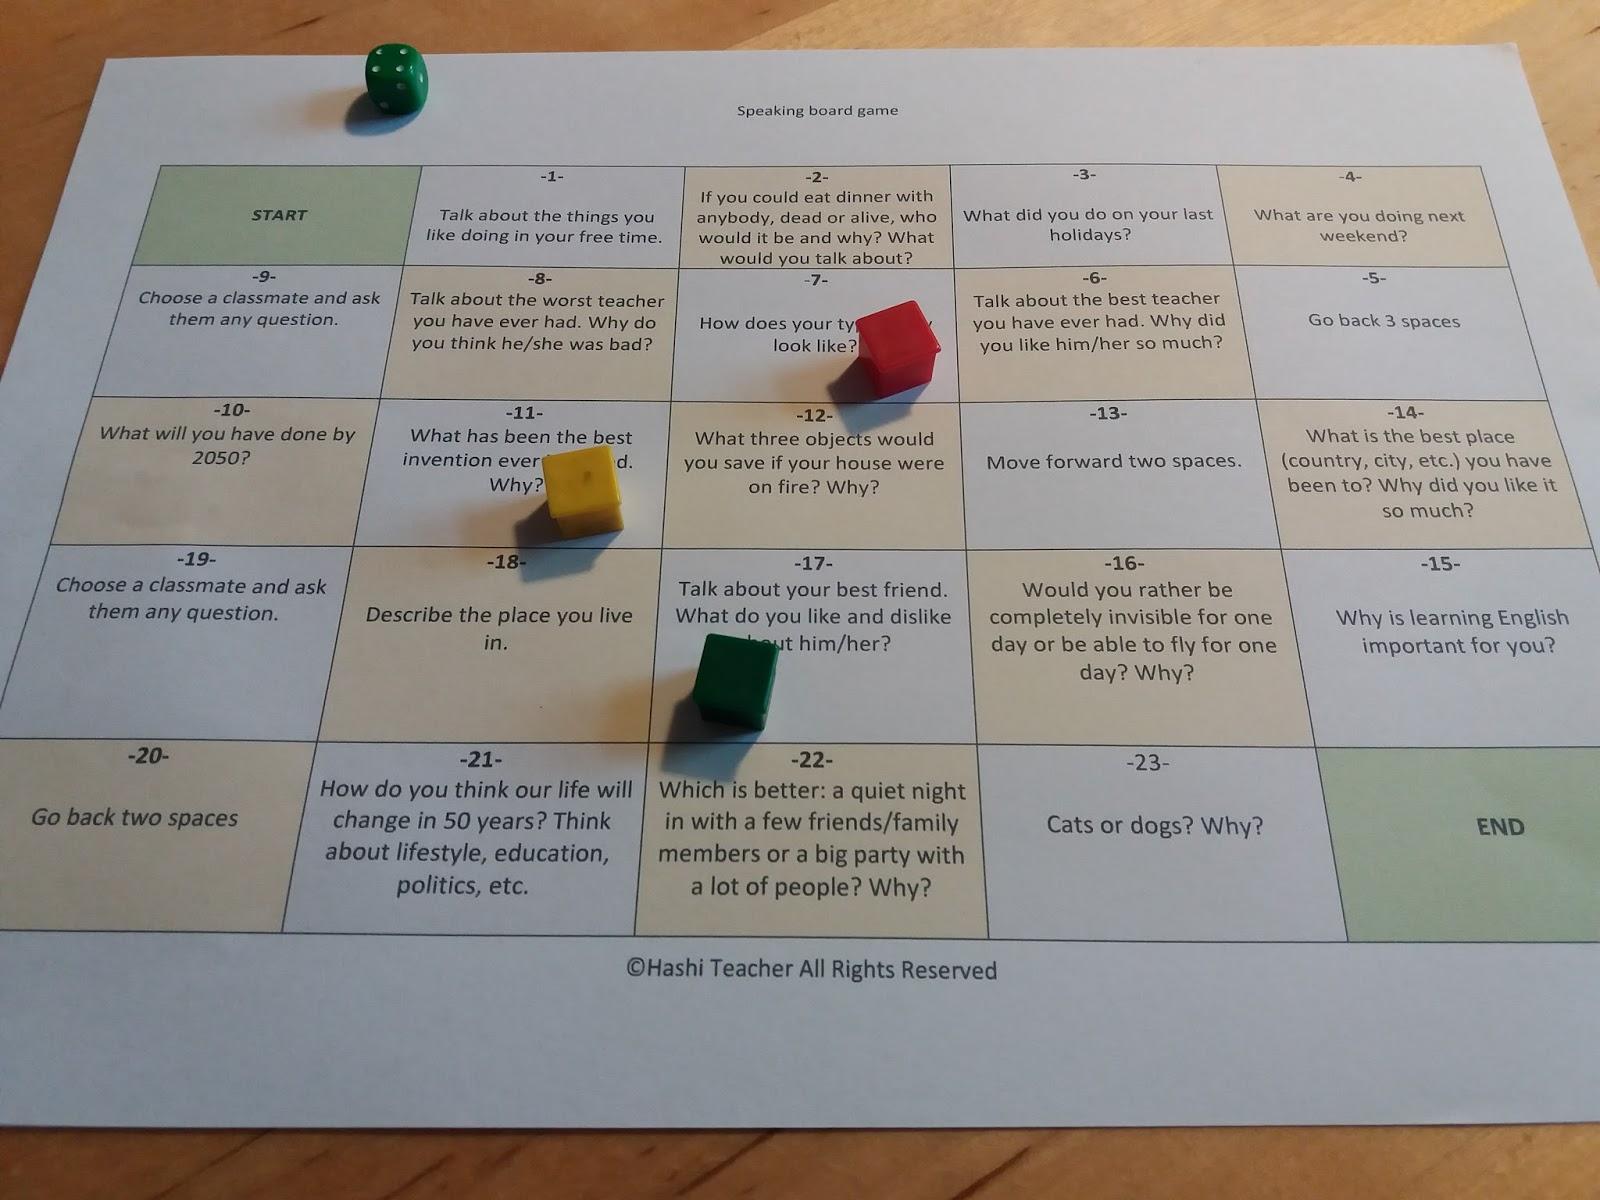 Game of English Language Teaching